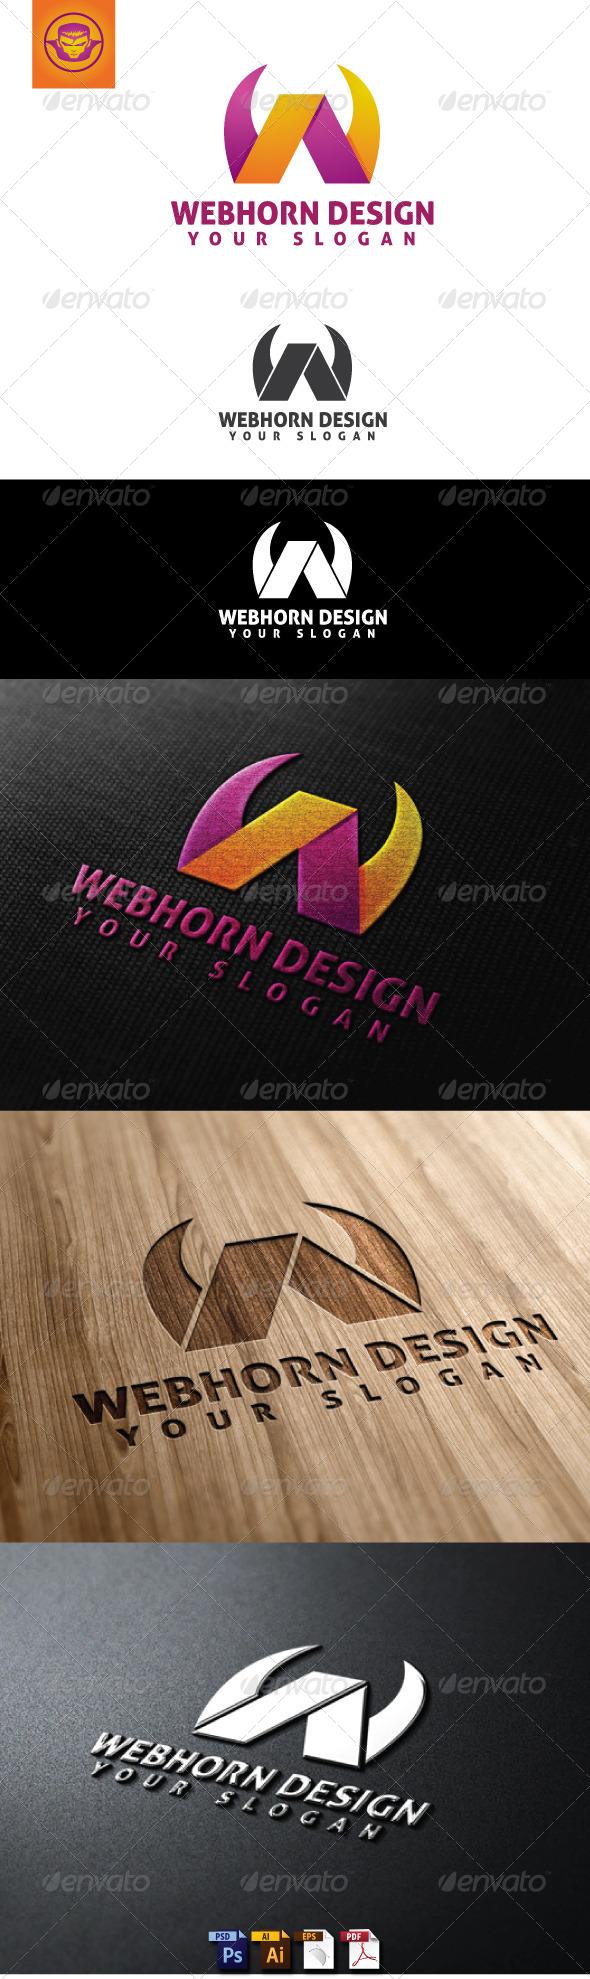 Webhorn Design Logo Template